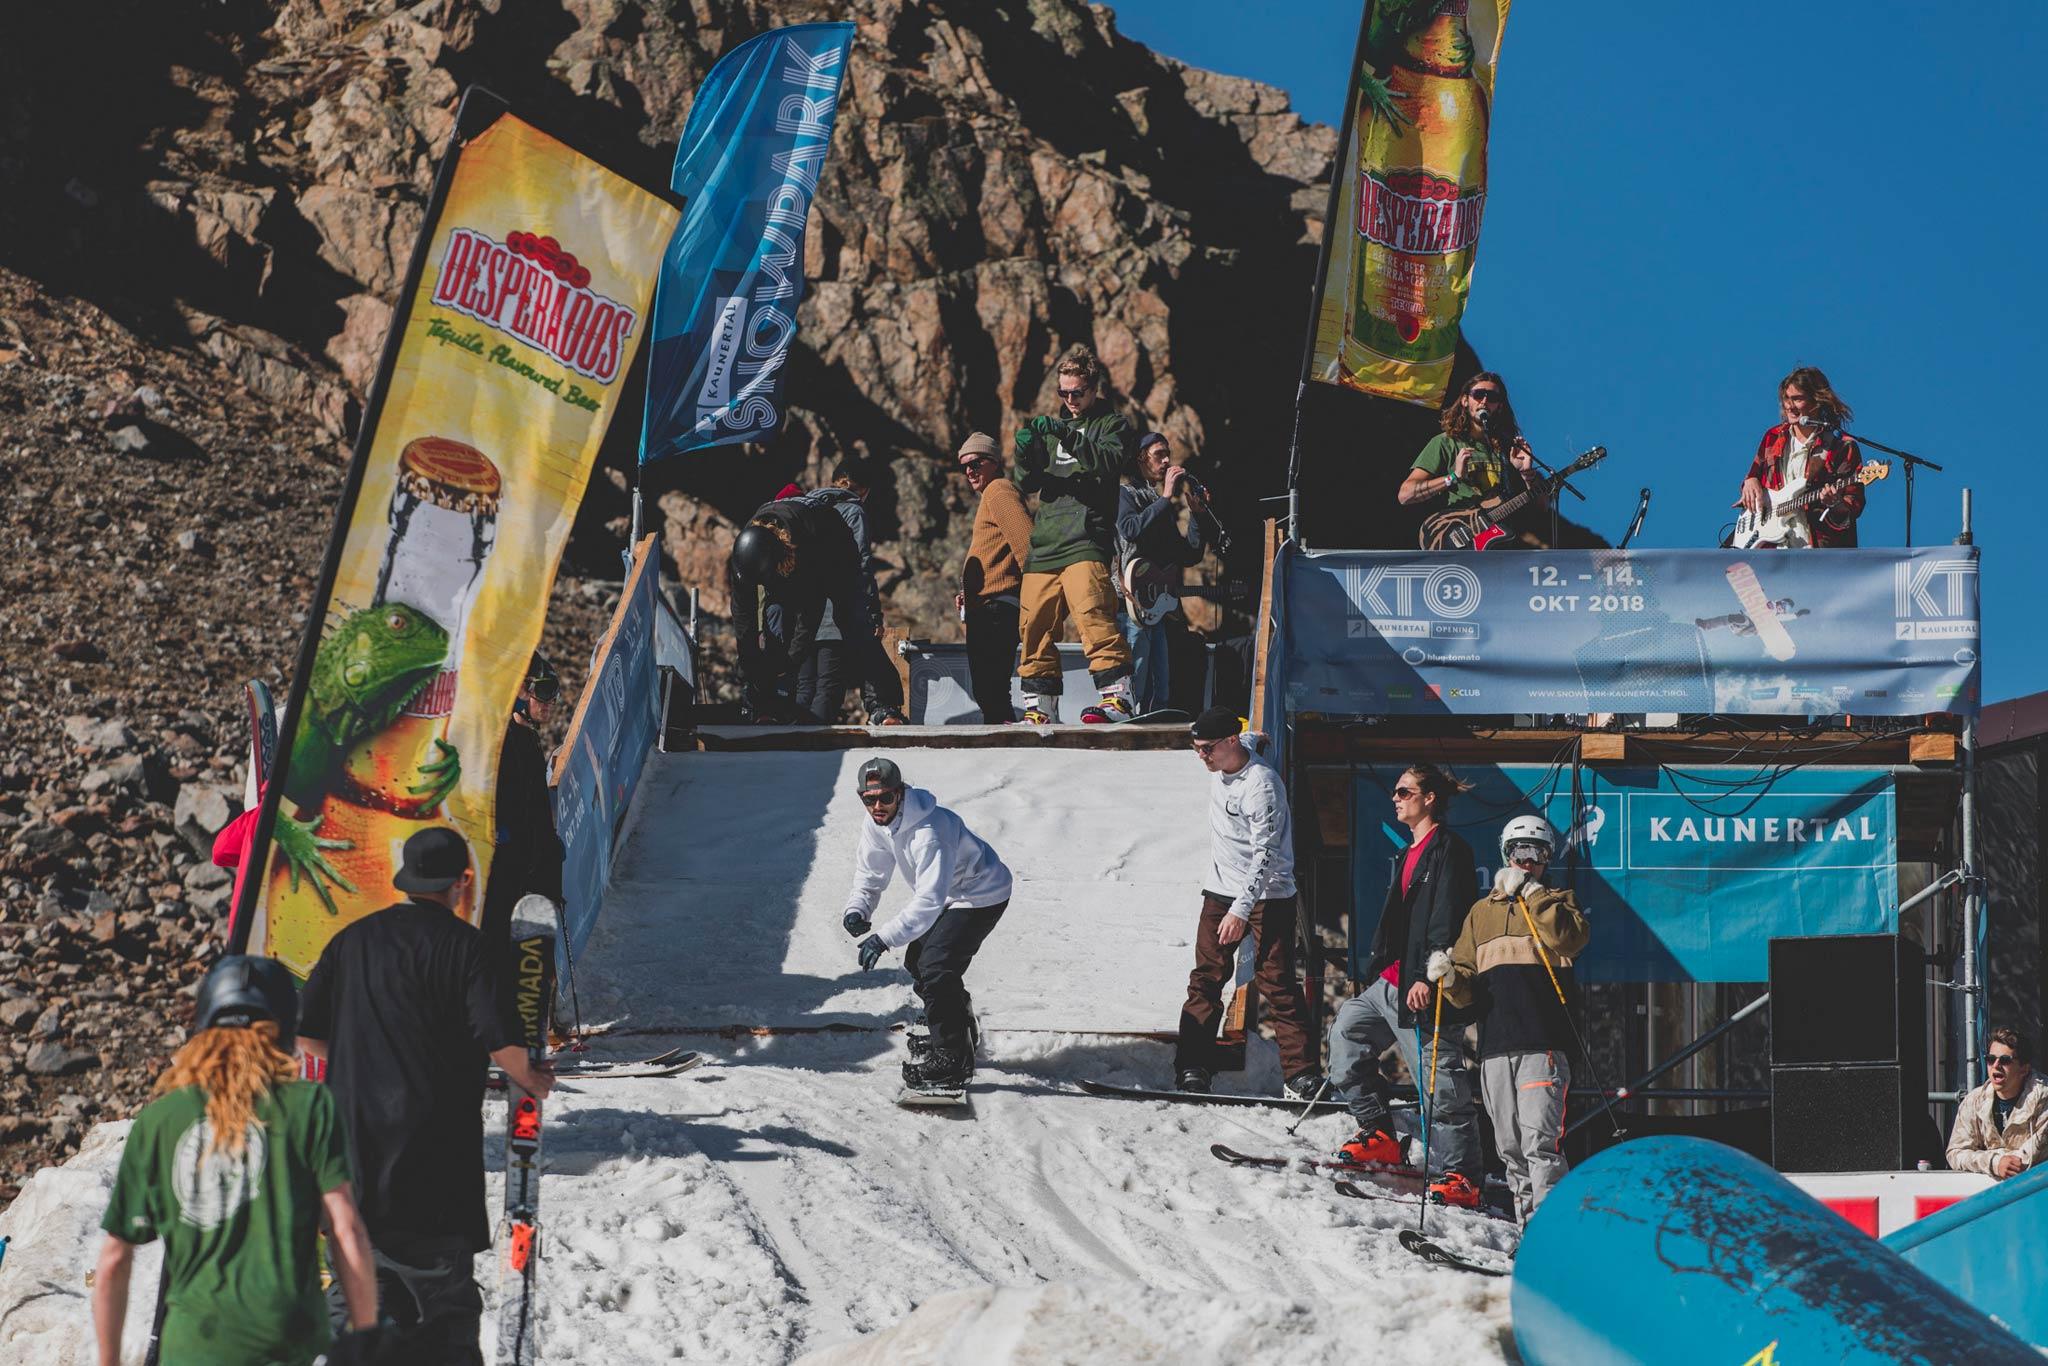 Gletscher Openings 2019 zum Saisonstart